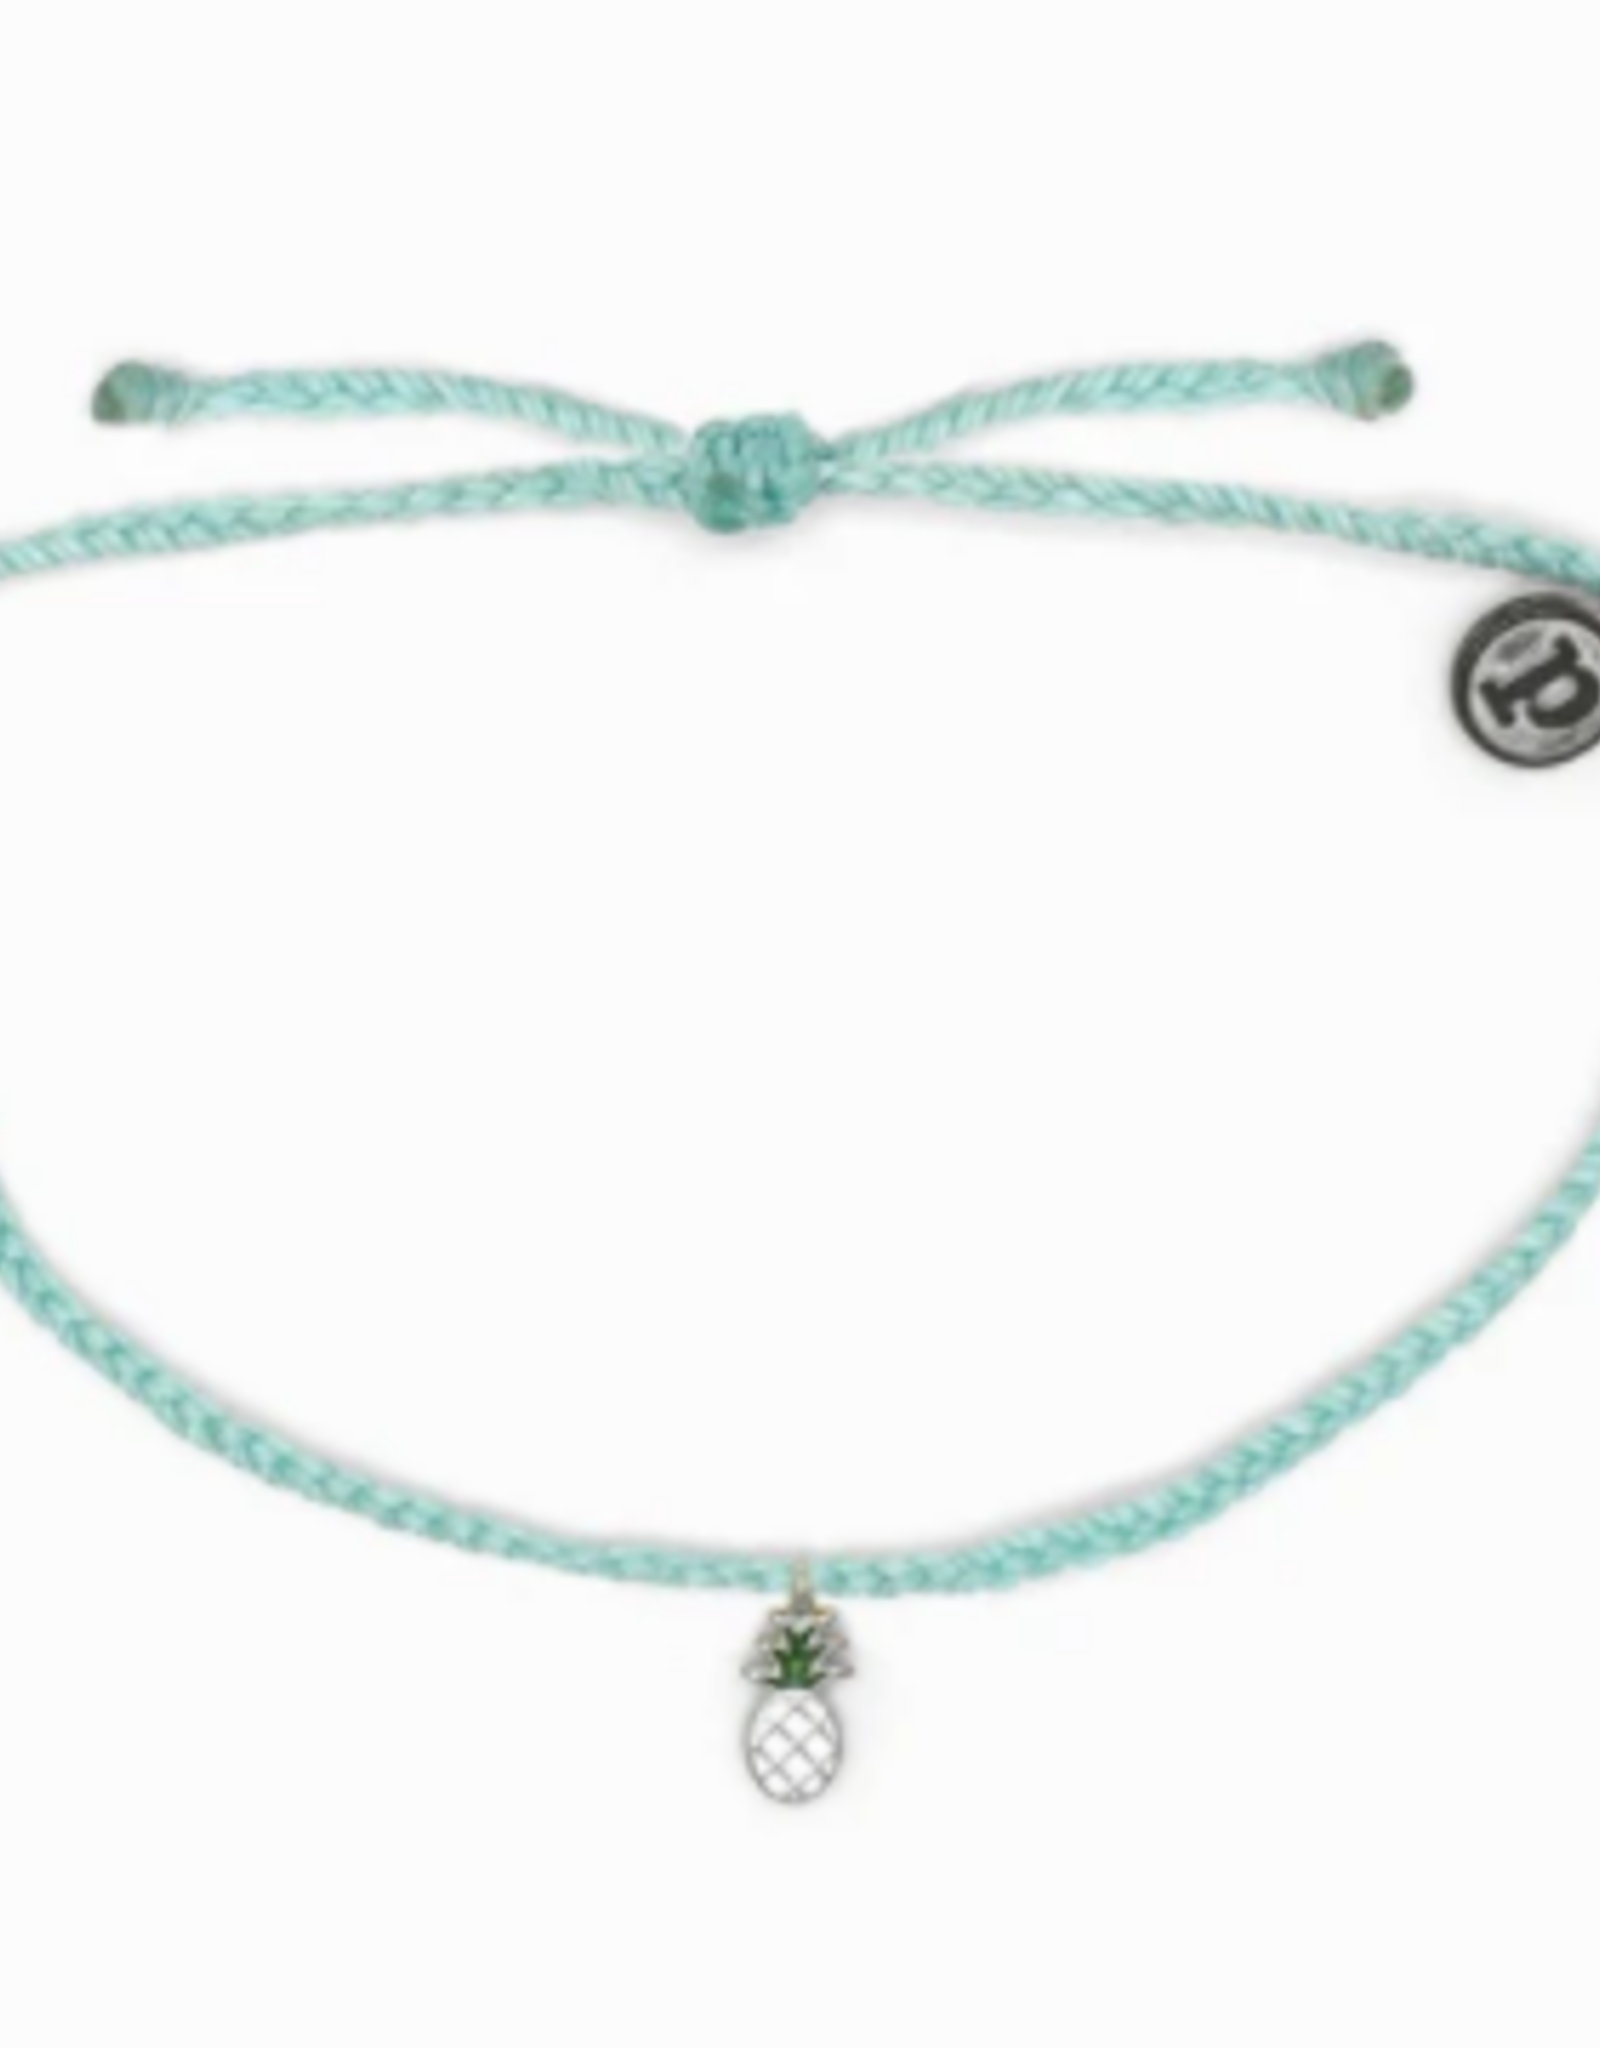 ENAMEL PINEAPPLE Bitty Charm Bracelet, SEAFOAM